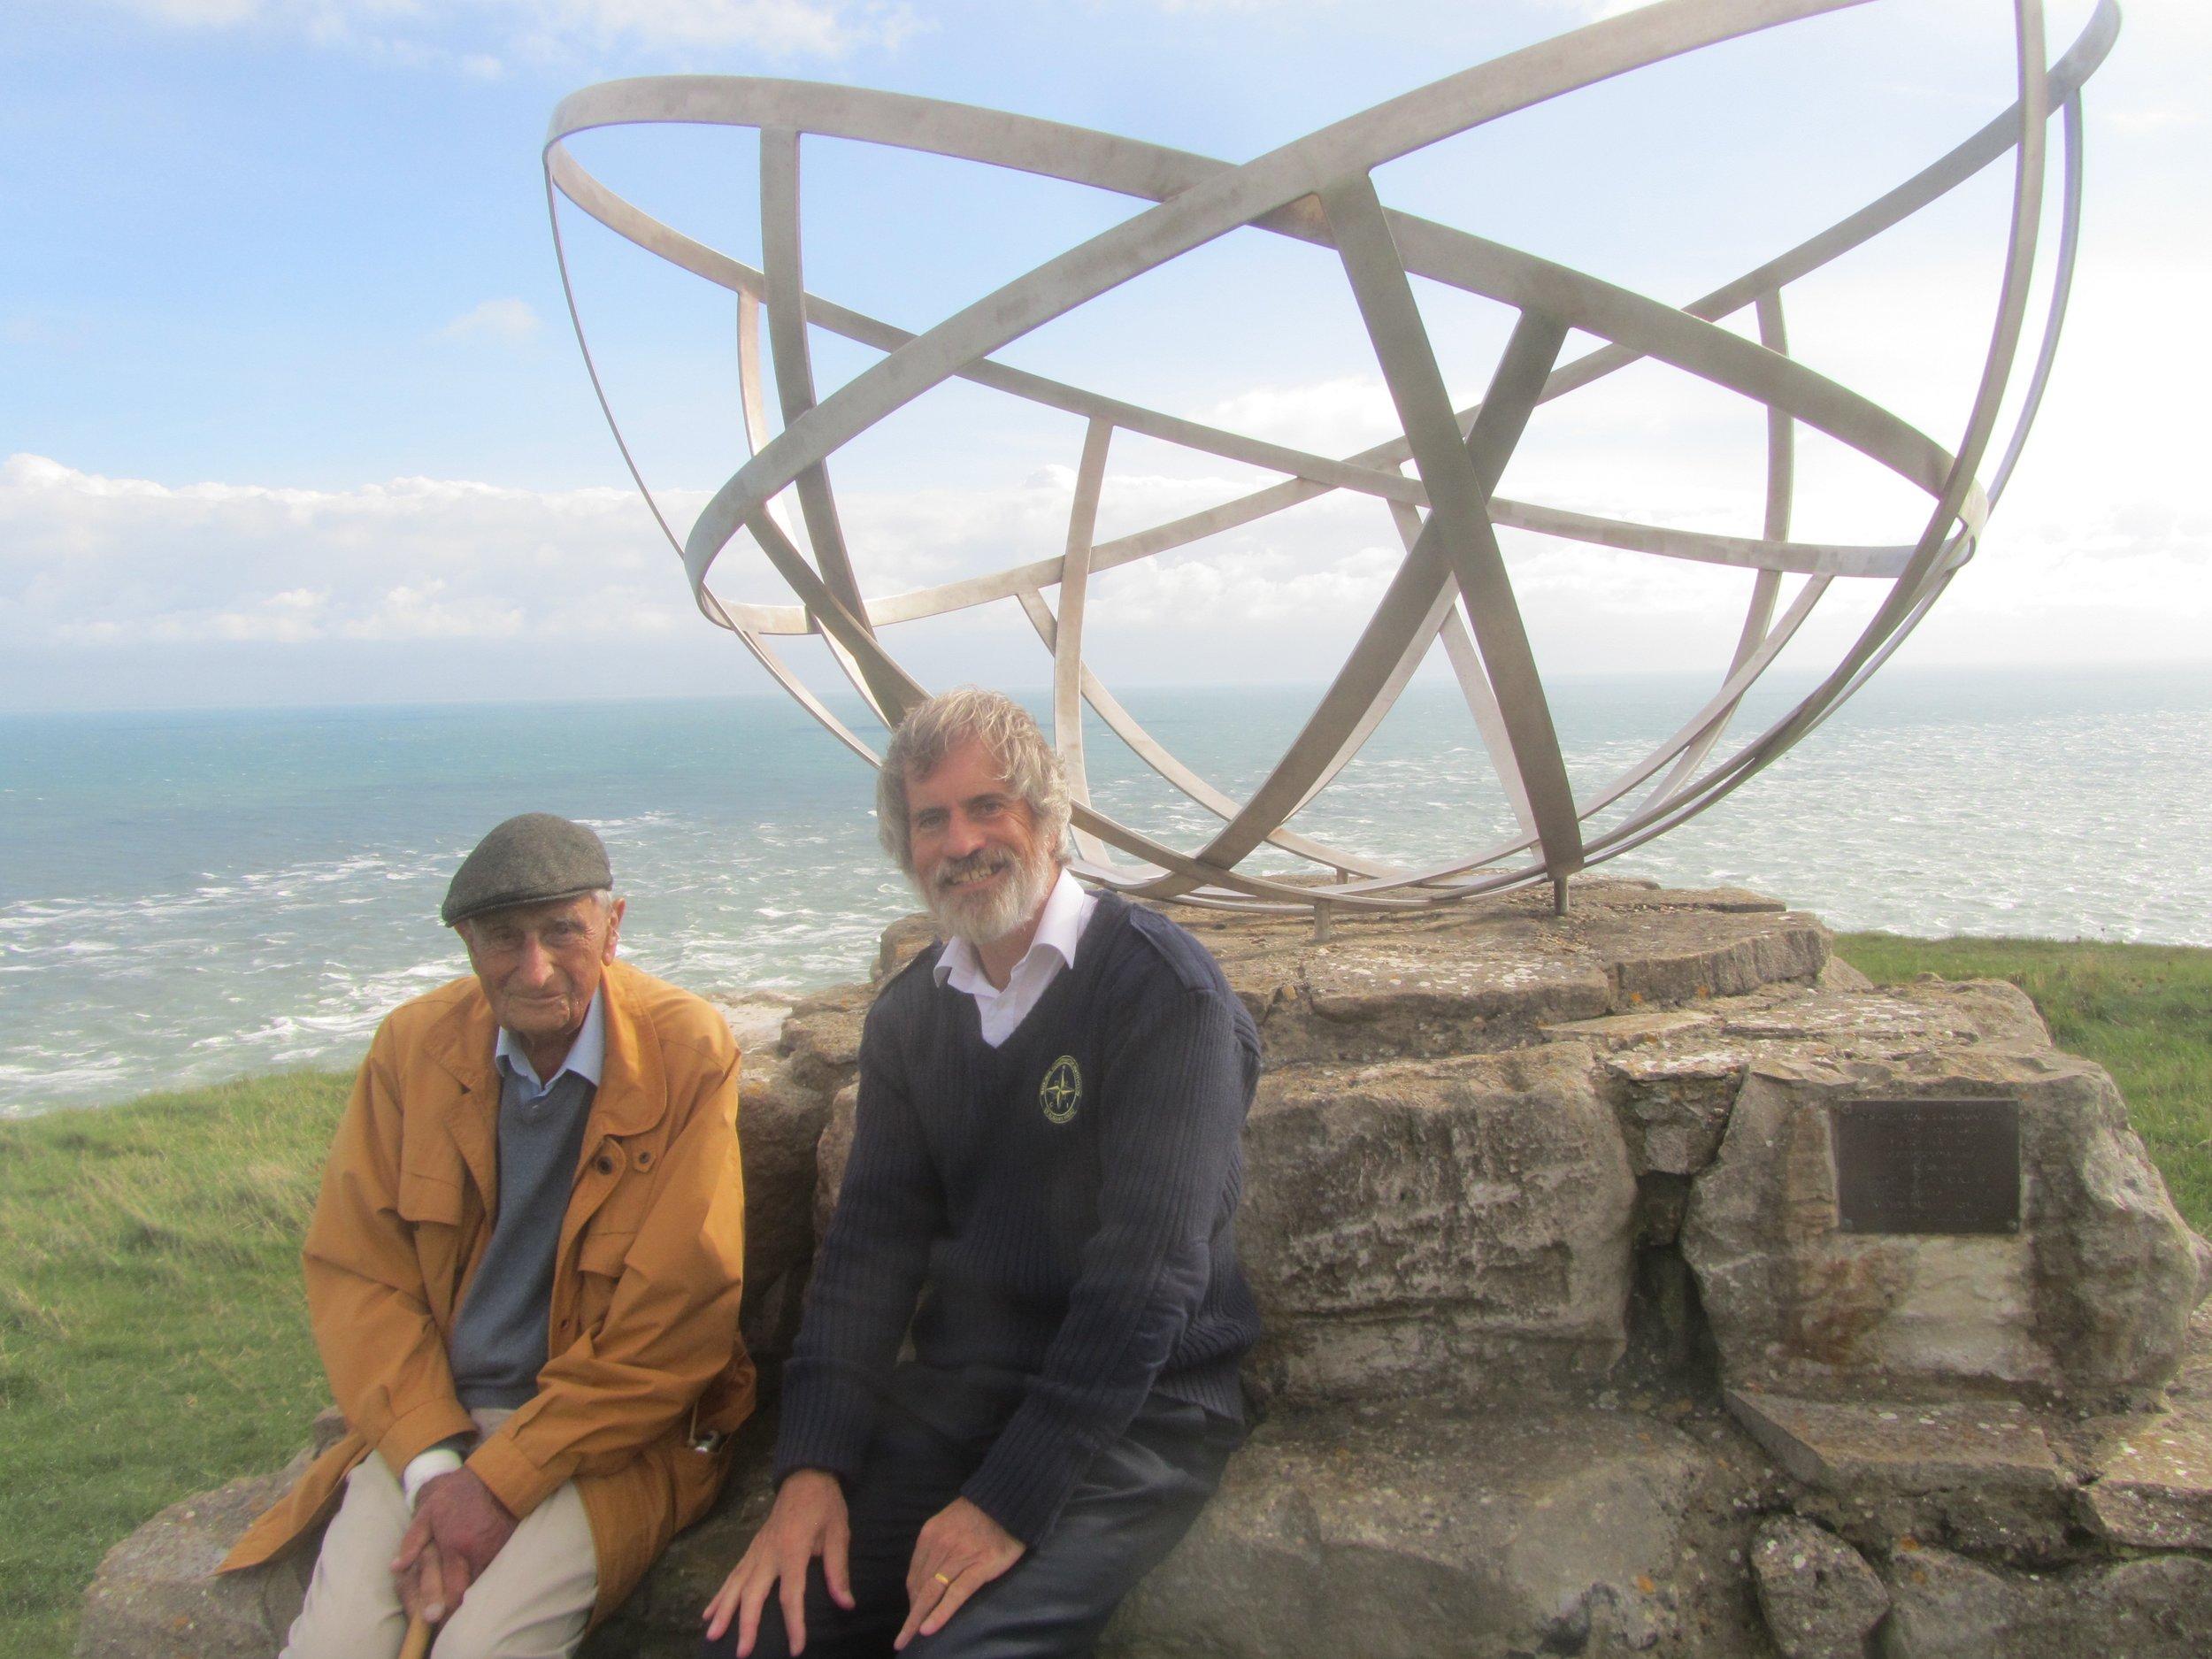 Bill and myself at the Radar Memorial, St Albans Head, Dorset